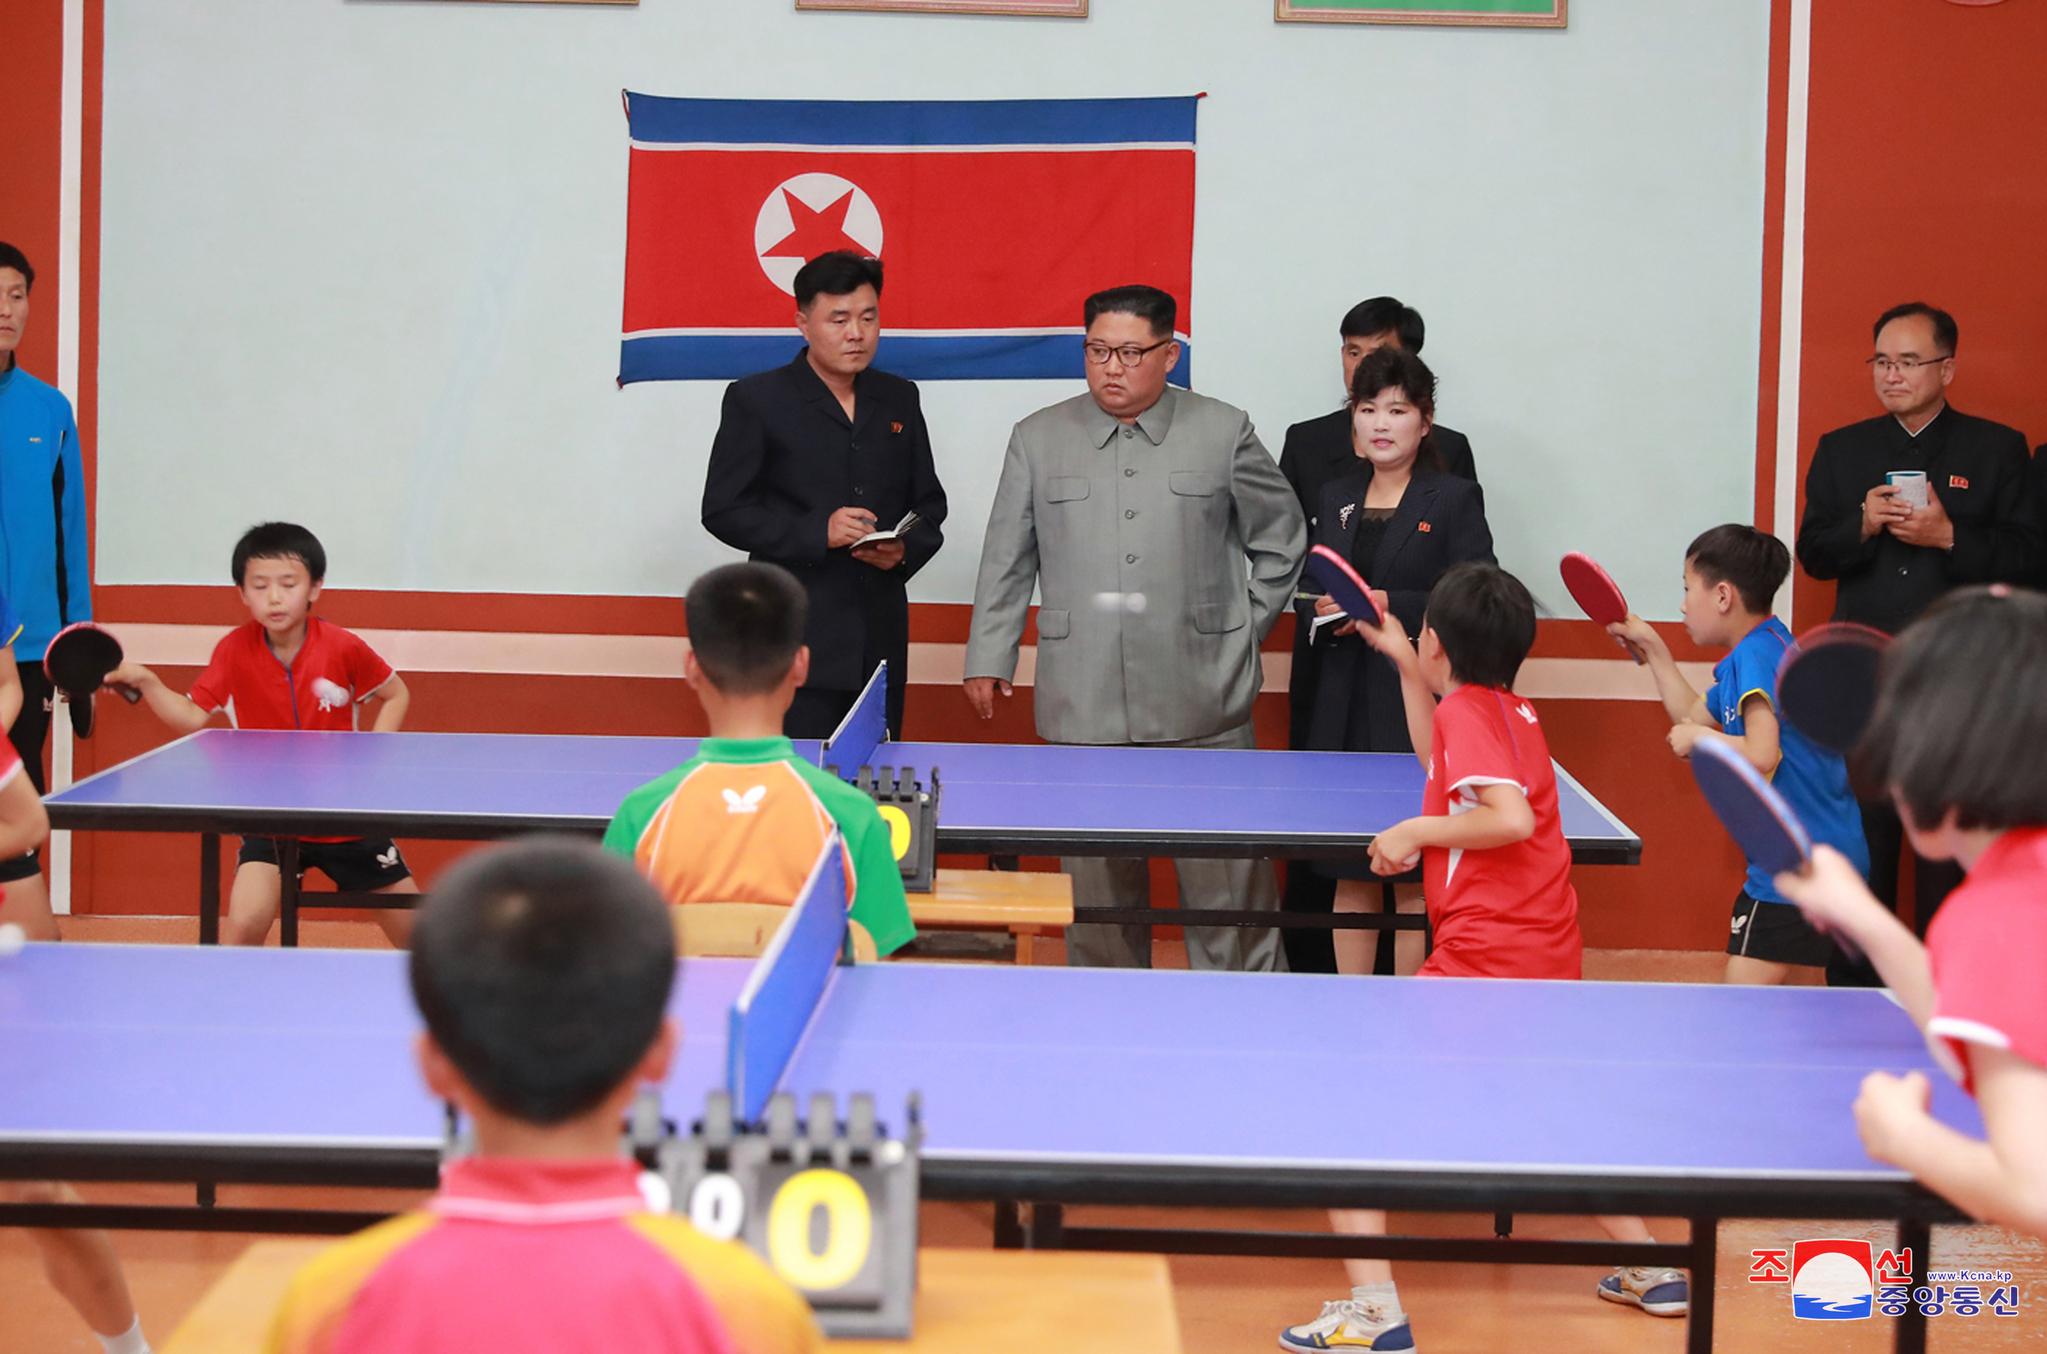 김정은 위원장이 배움의 천리길학생소년궁전 현지지도에서 탁구를 치고 있는 북한 아이들을 바라보고 있다. [조선중앙통신=연합뉴스)]